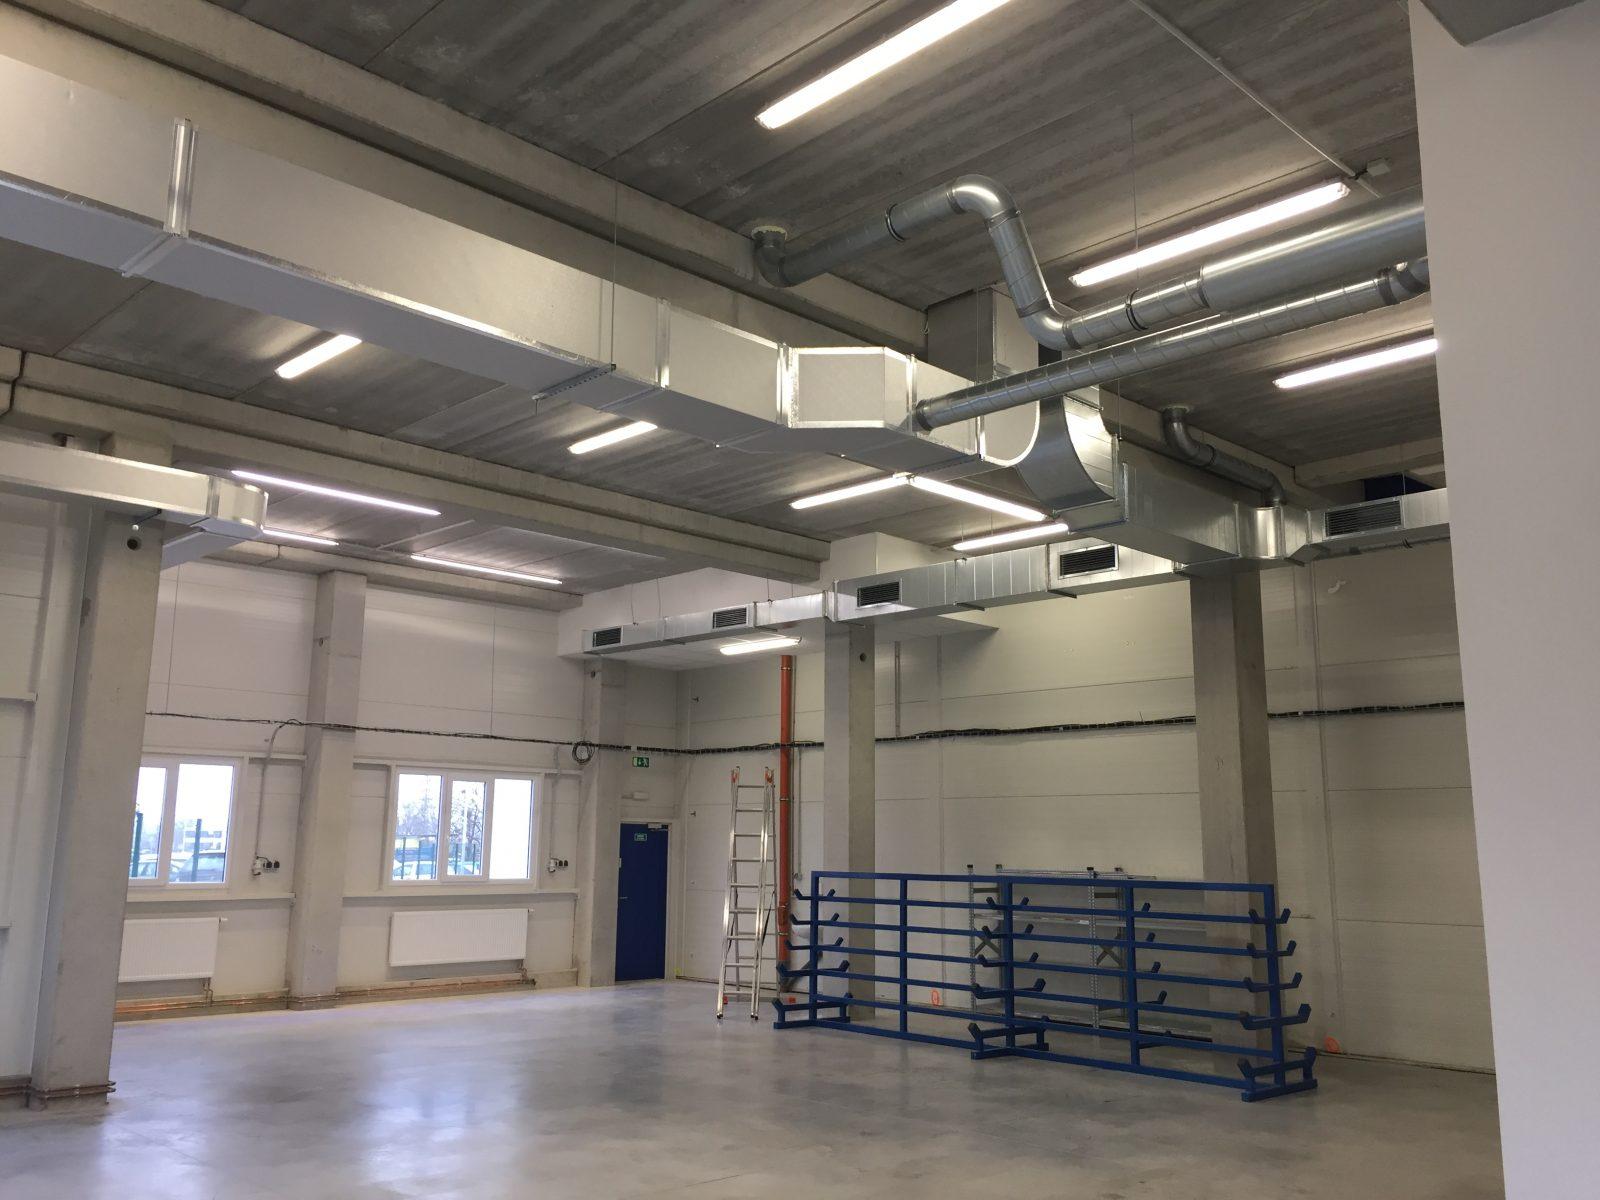 ductos de aire acondicionado aislamiento térmico